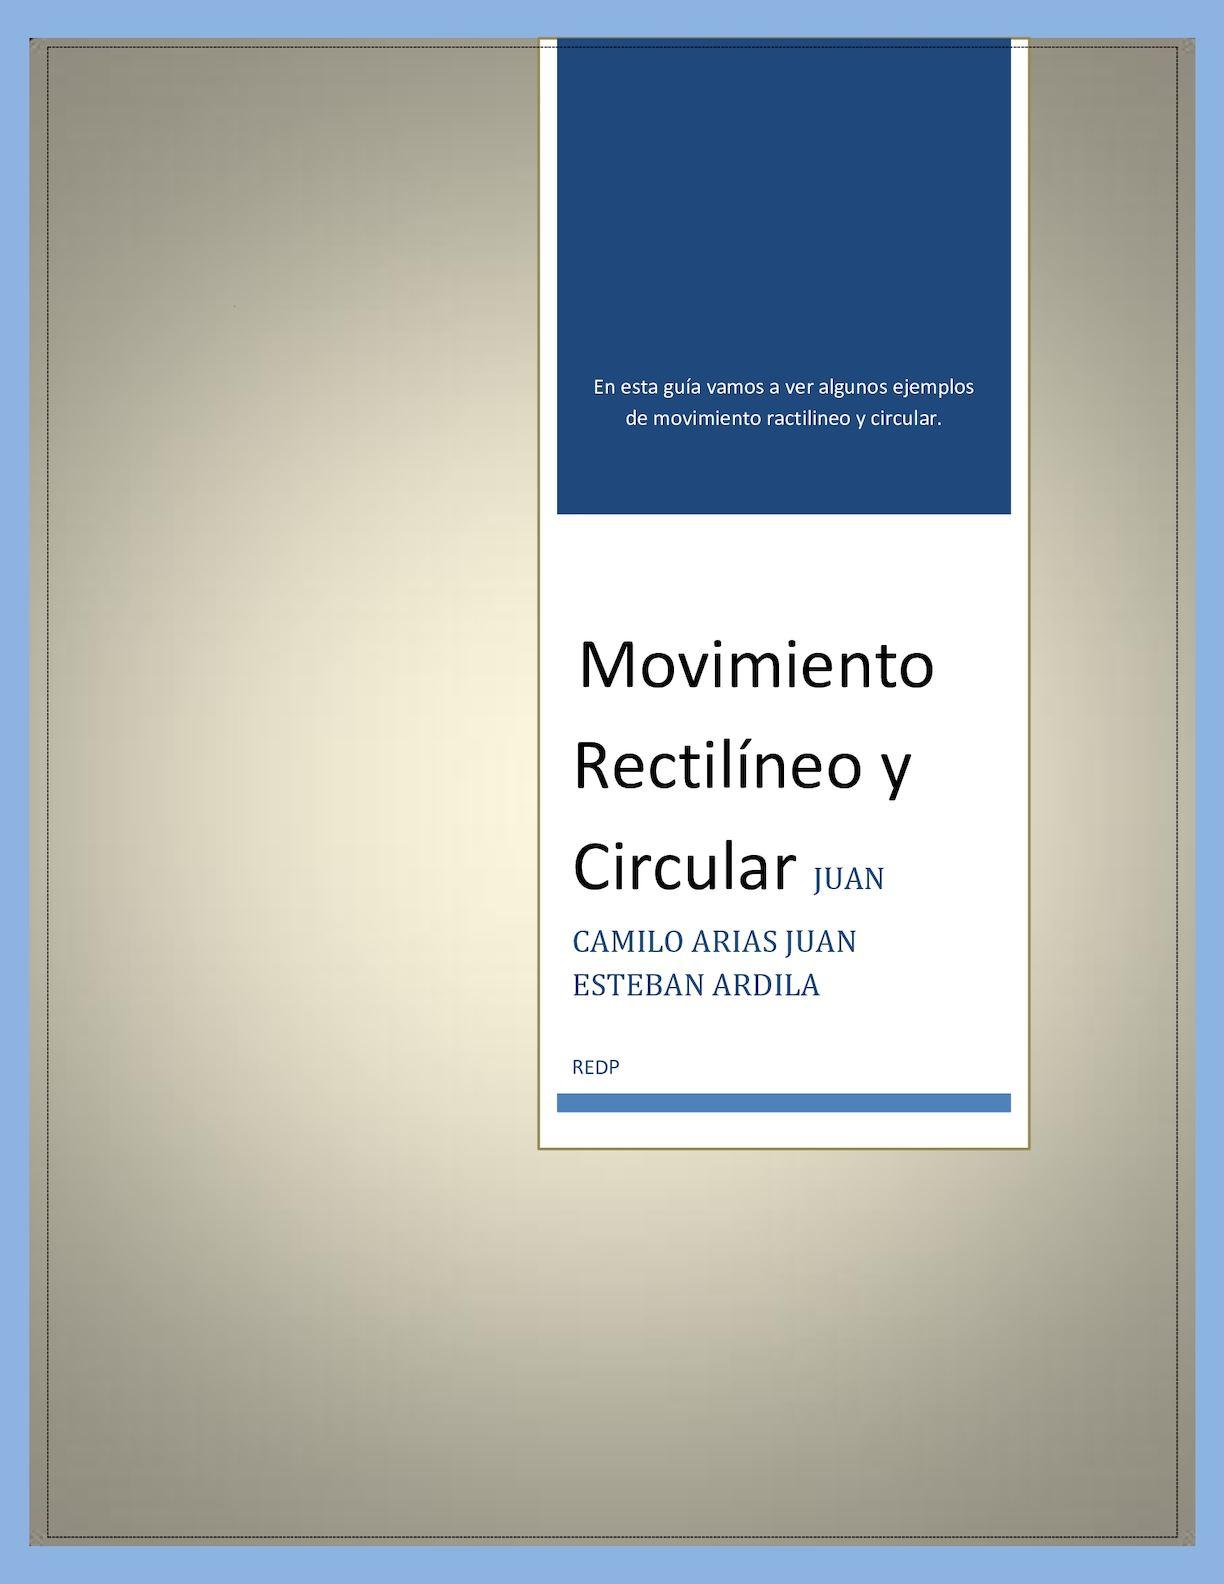 Calameo Guia 5 Movimiento Rectilineo Y Circular